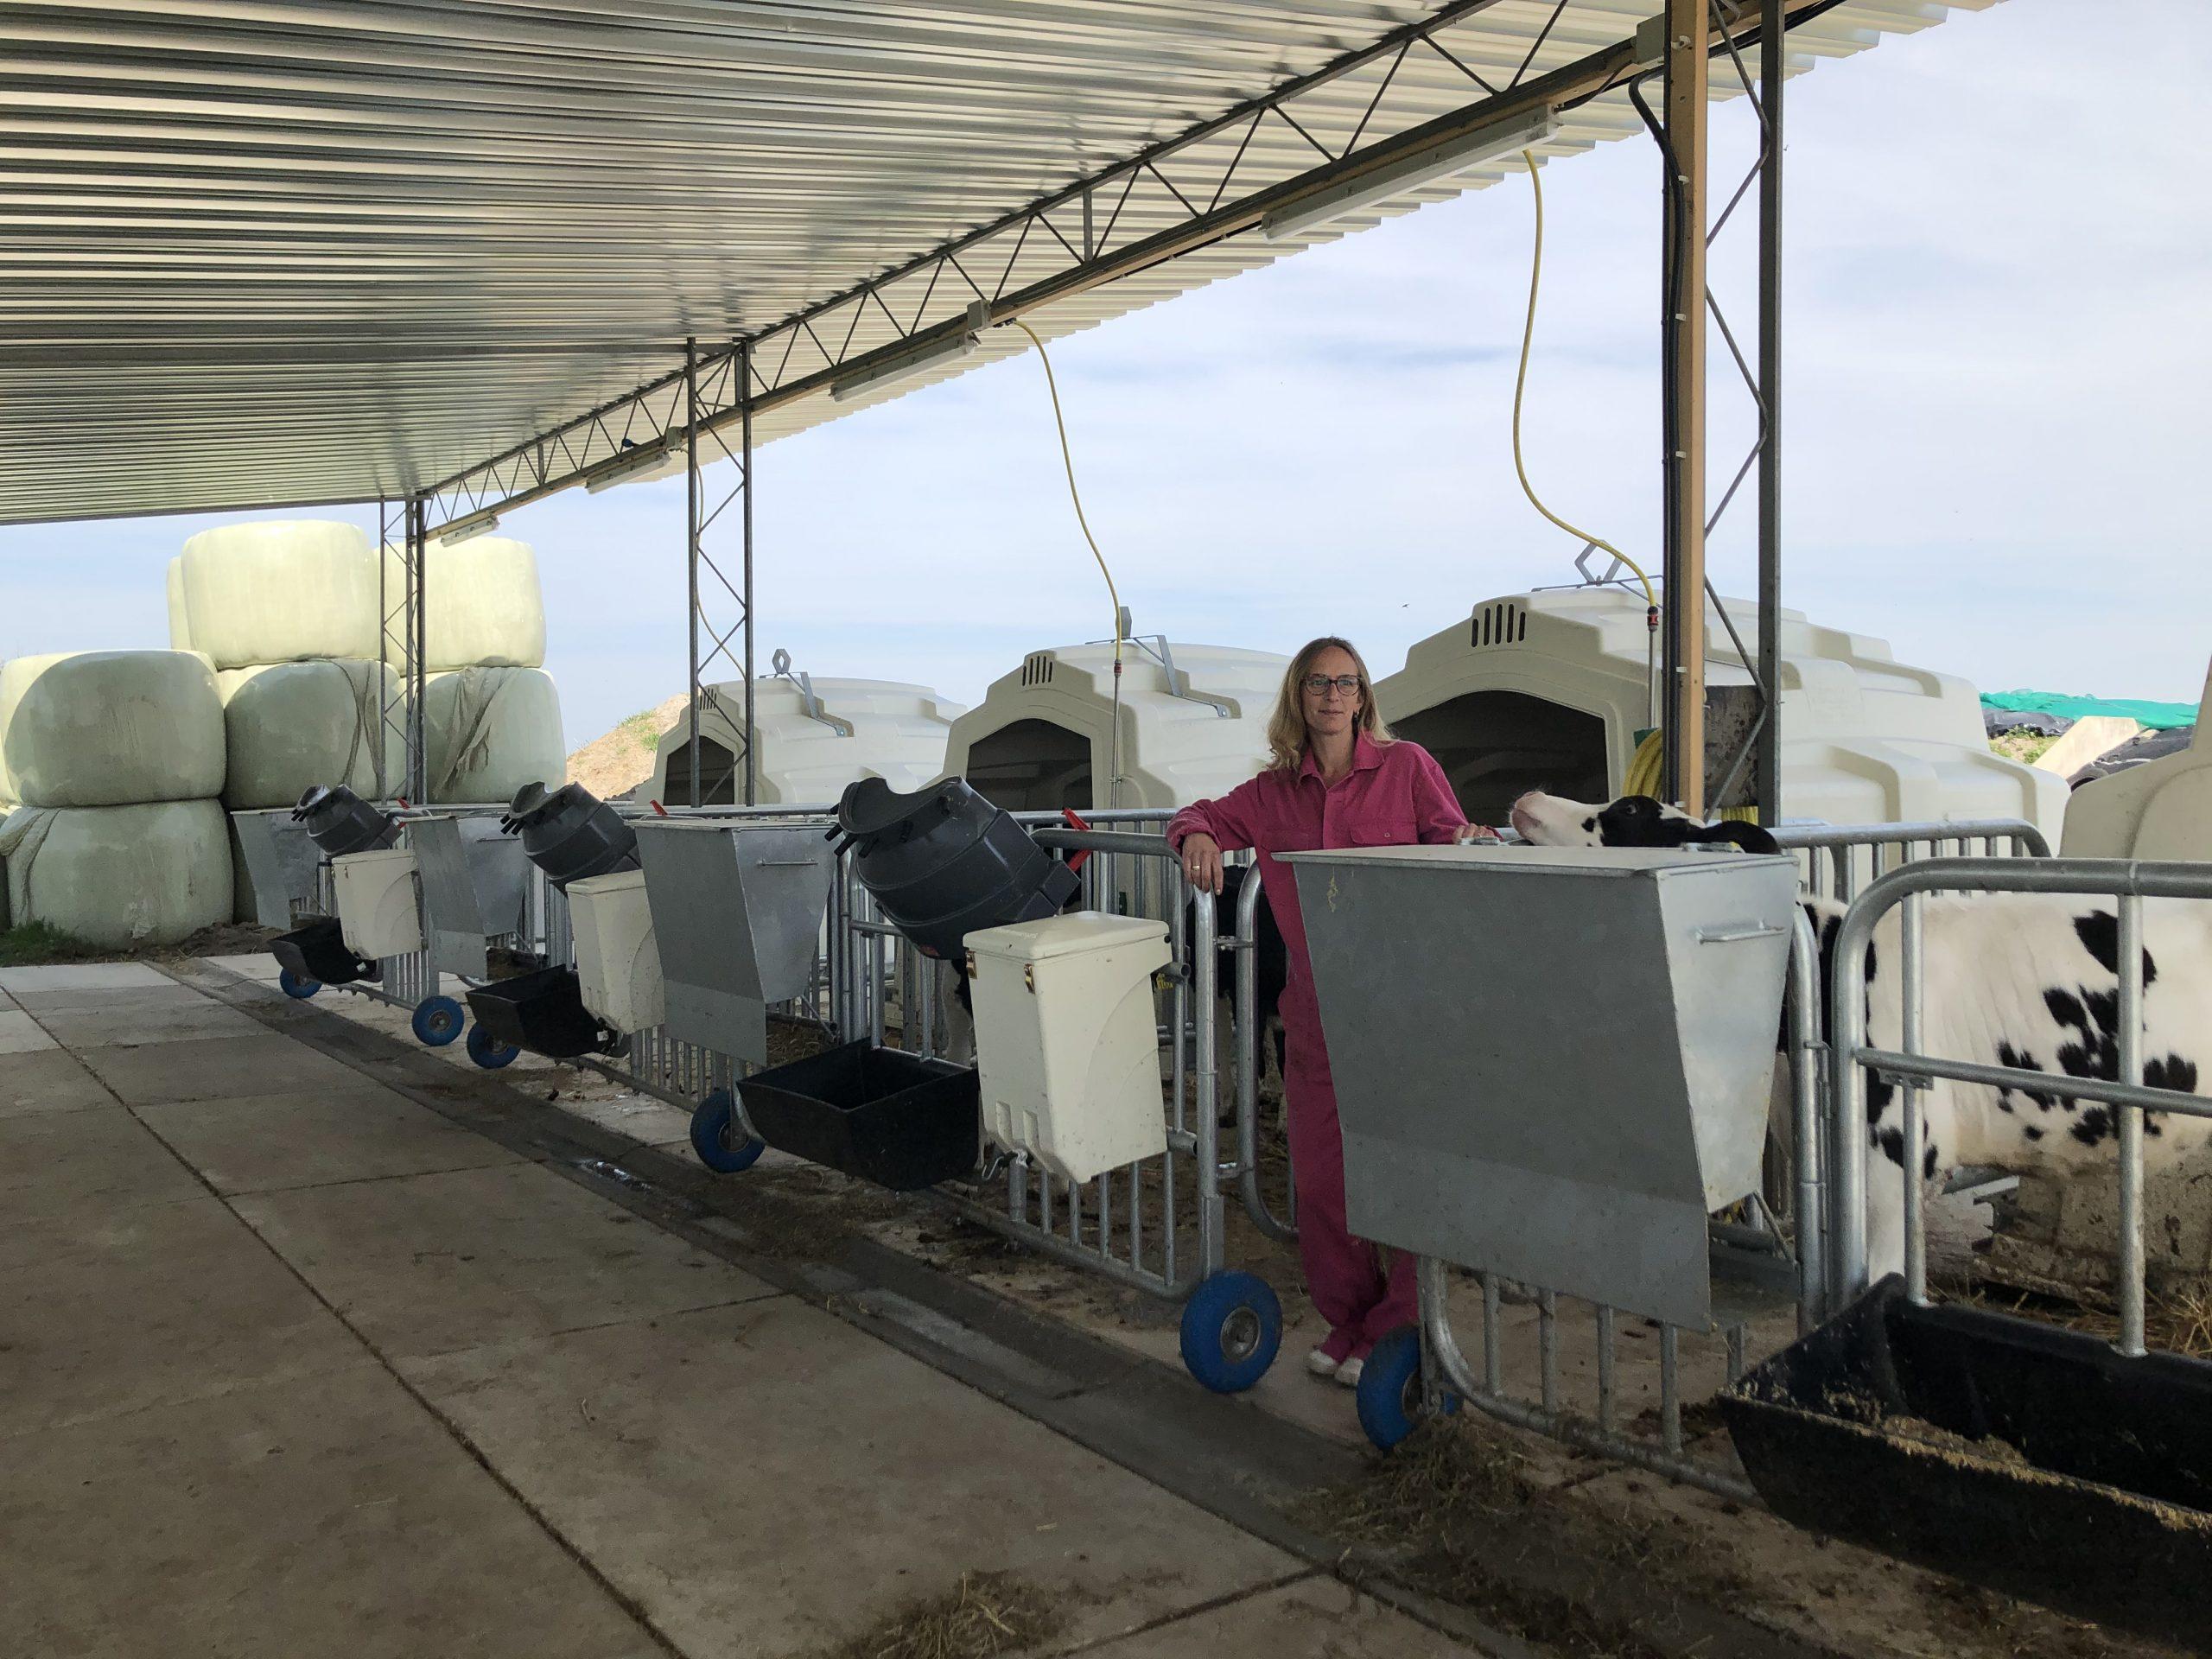 Milchviehbetrieb van der Steege, Genemuiden, (NL)